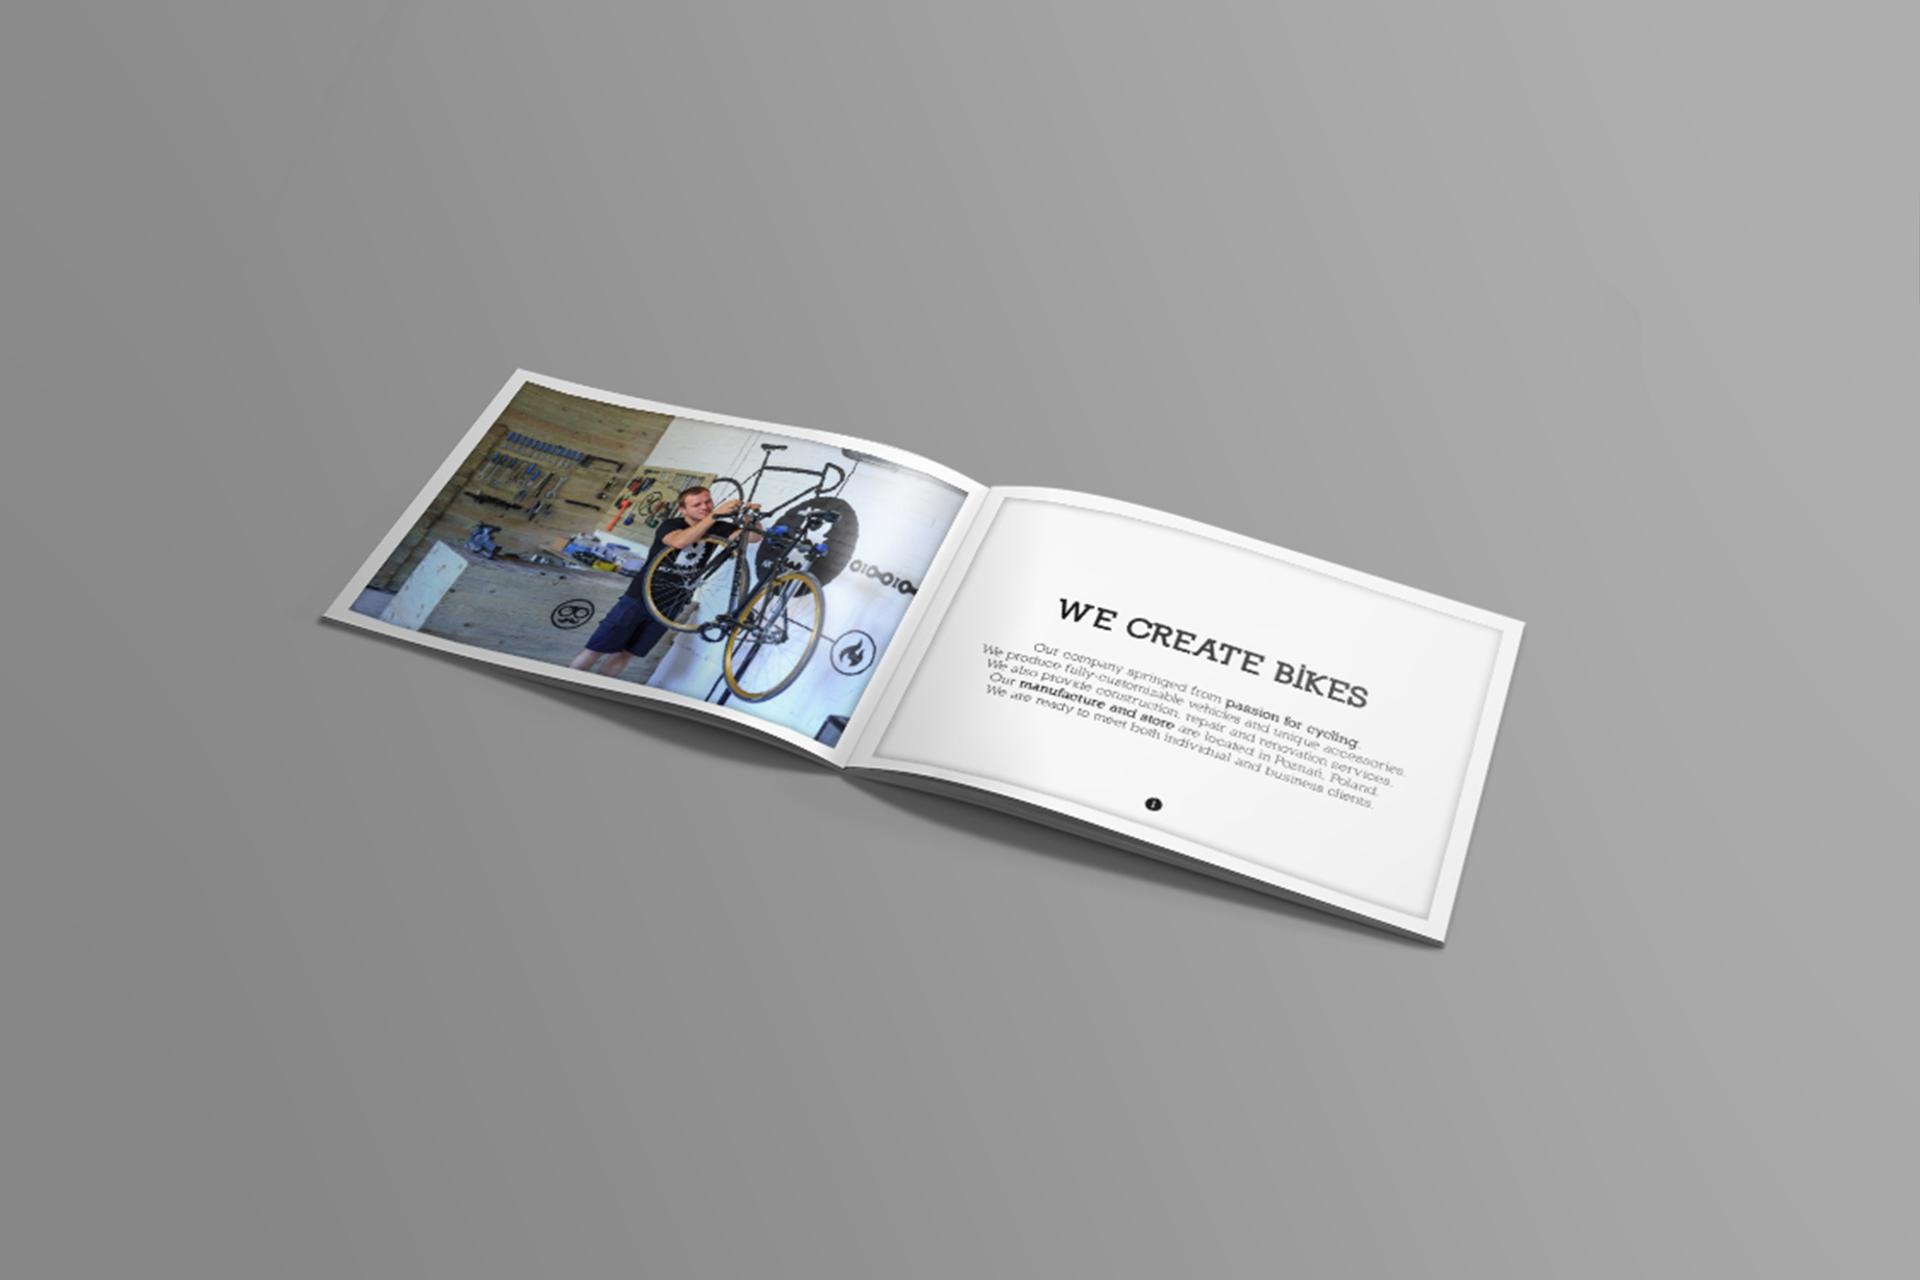 Projektowanie-graficzne-Bike-Workshop-Katalog-marki-0